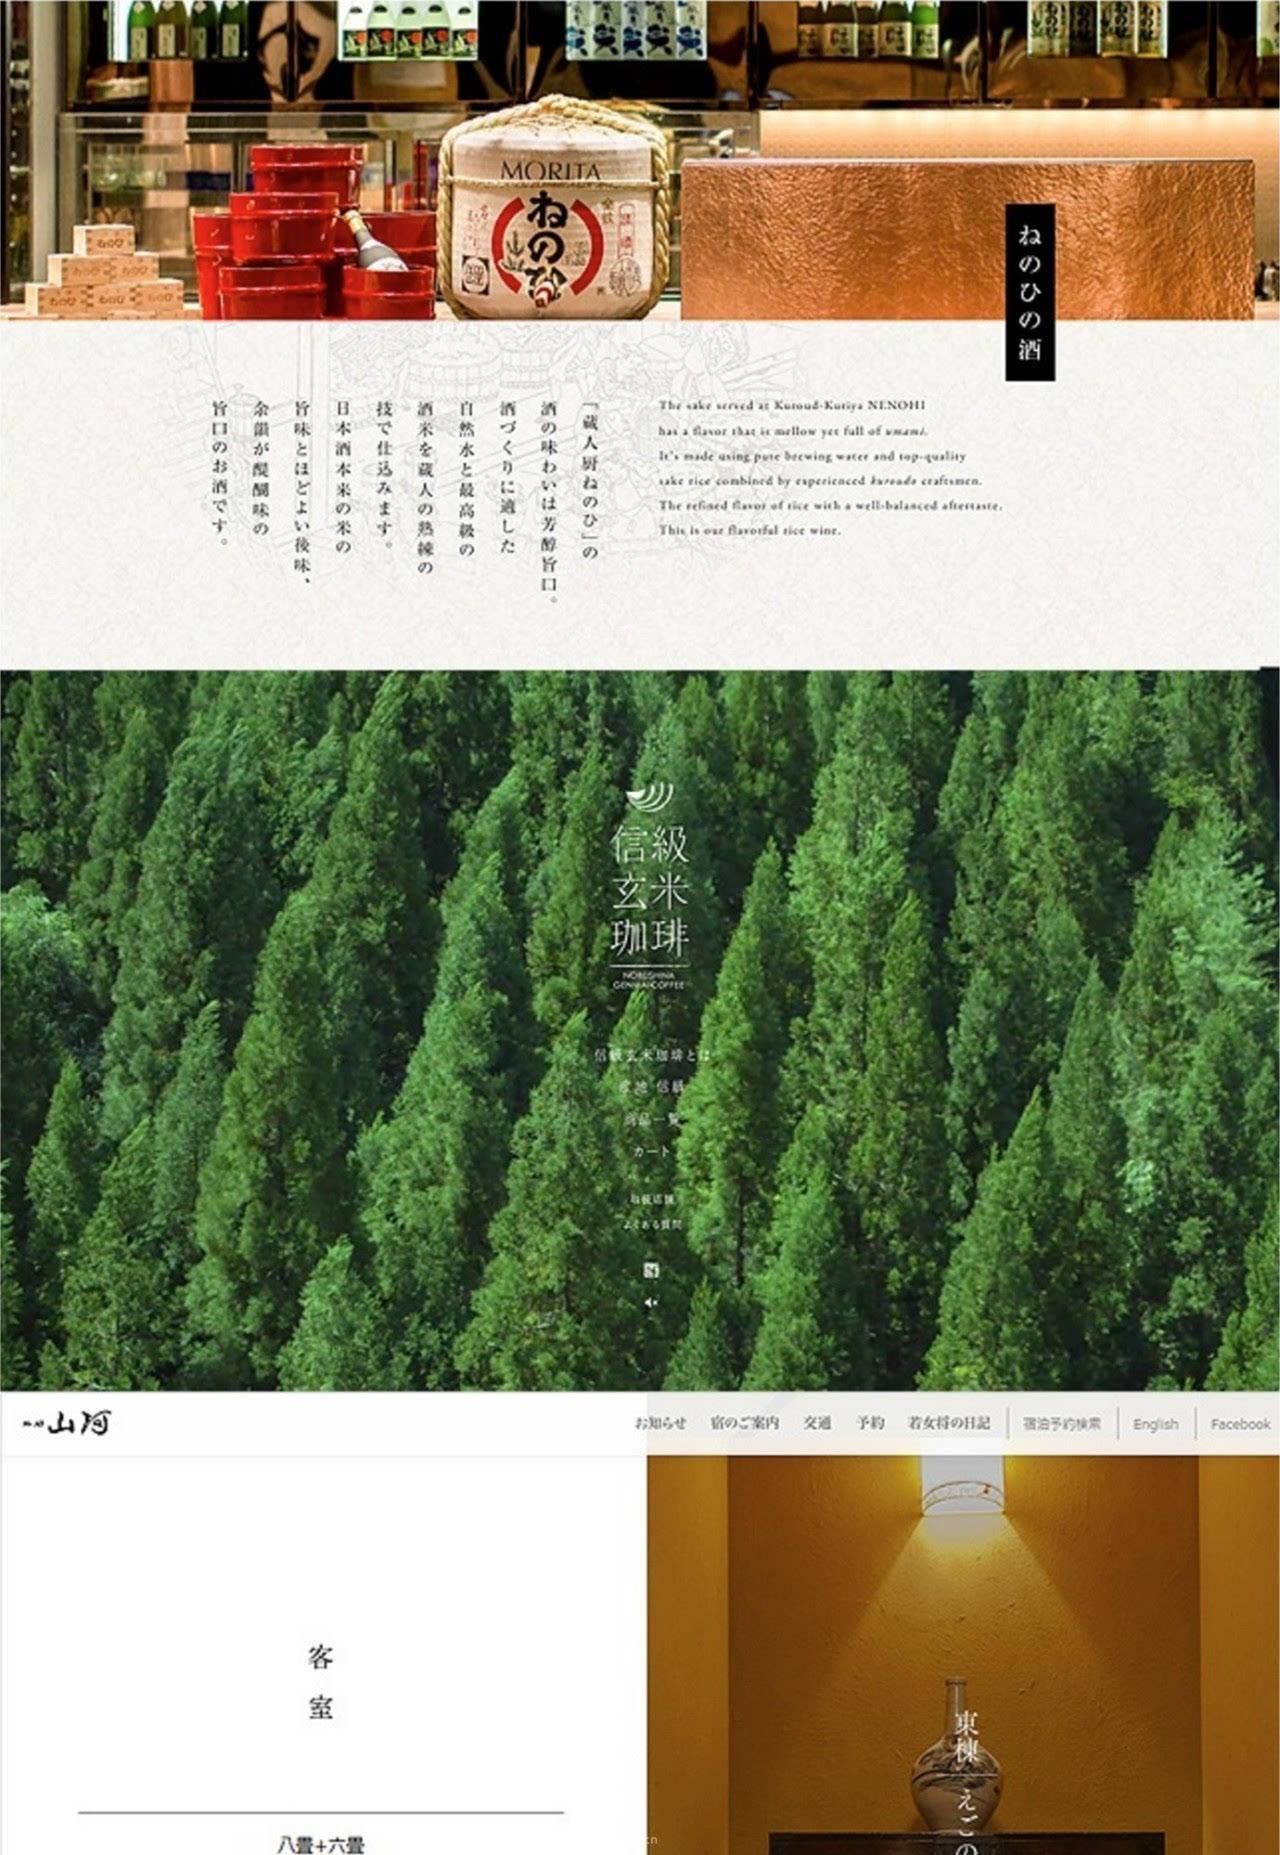 大家思考一下,为什么日文排版基本上都用竖排呢?